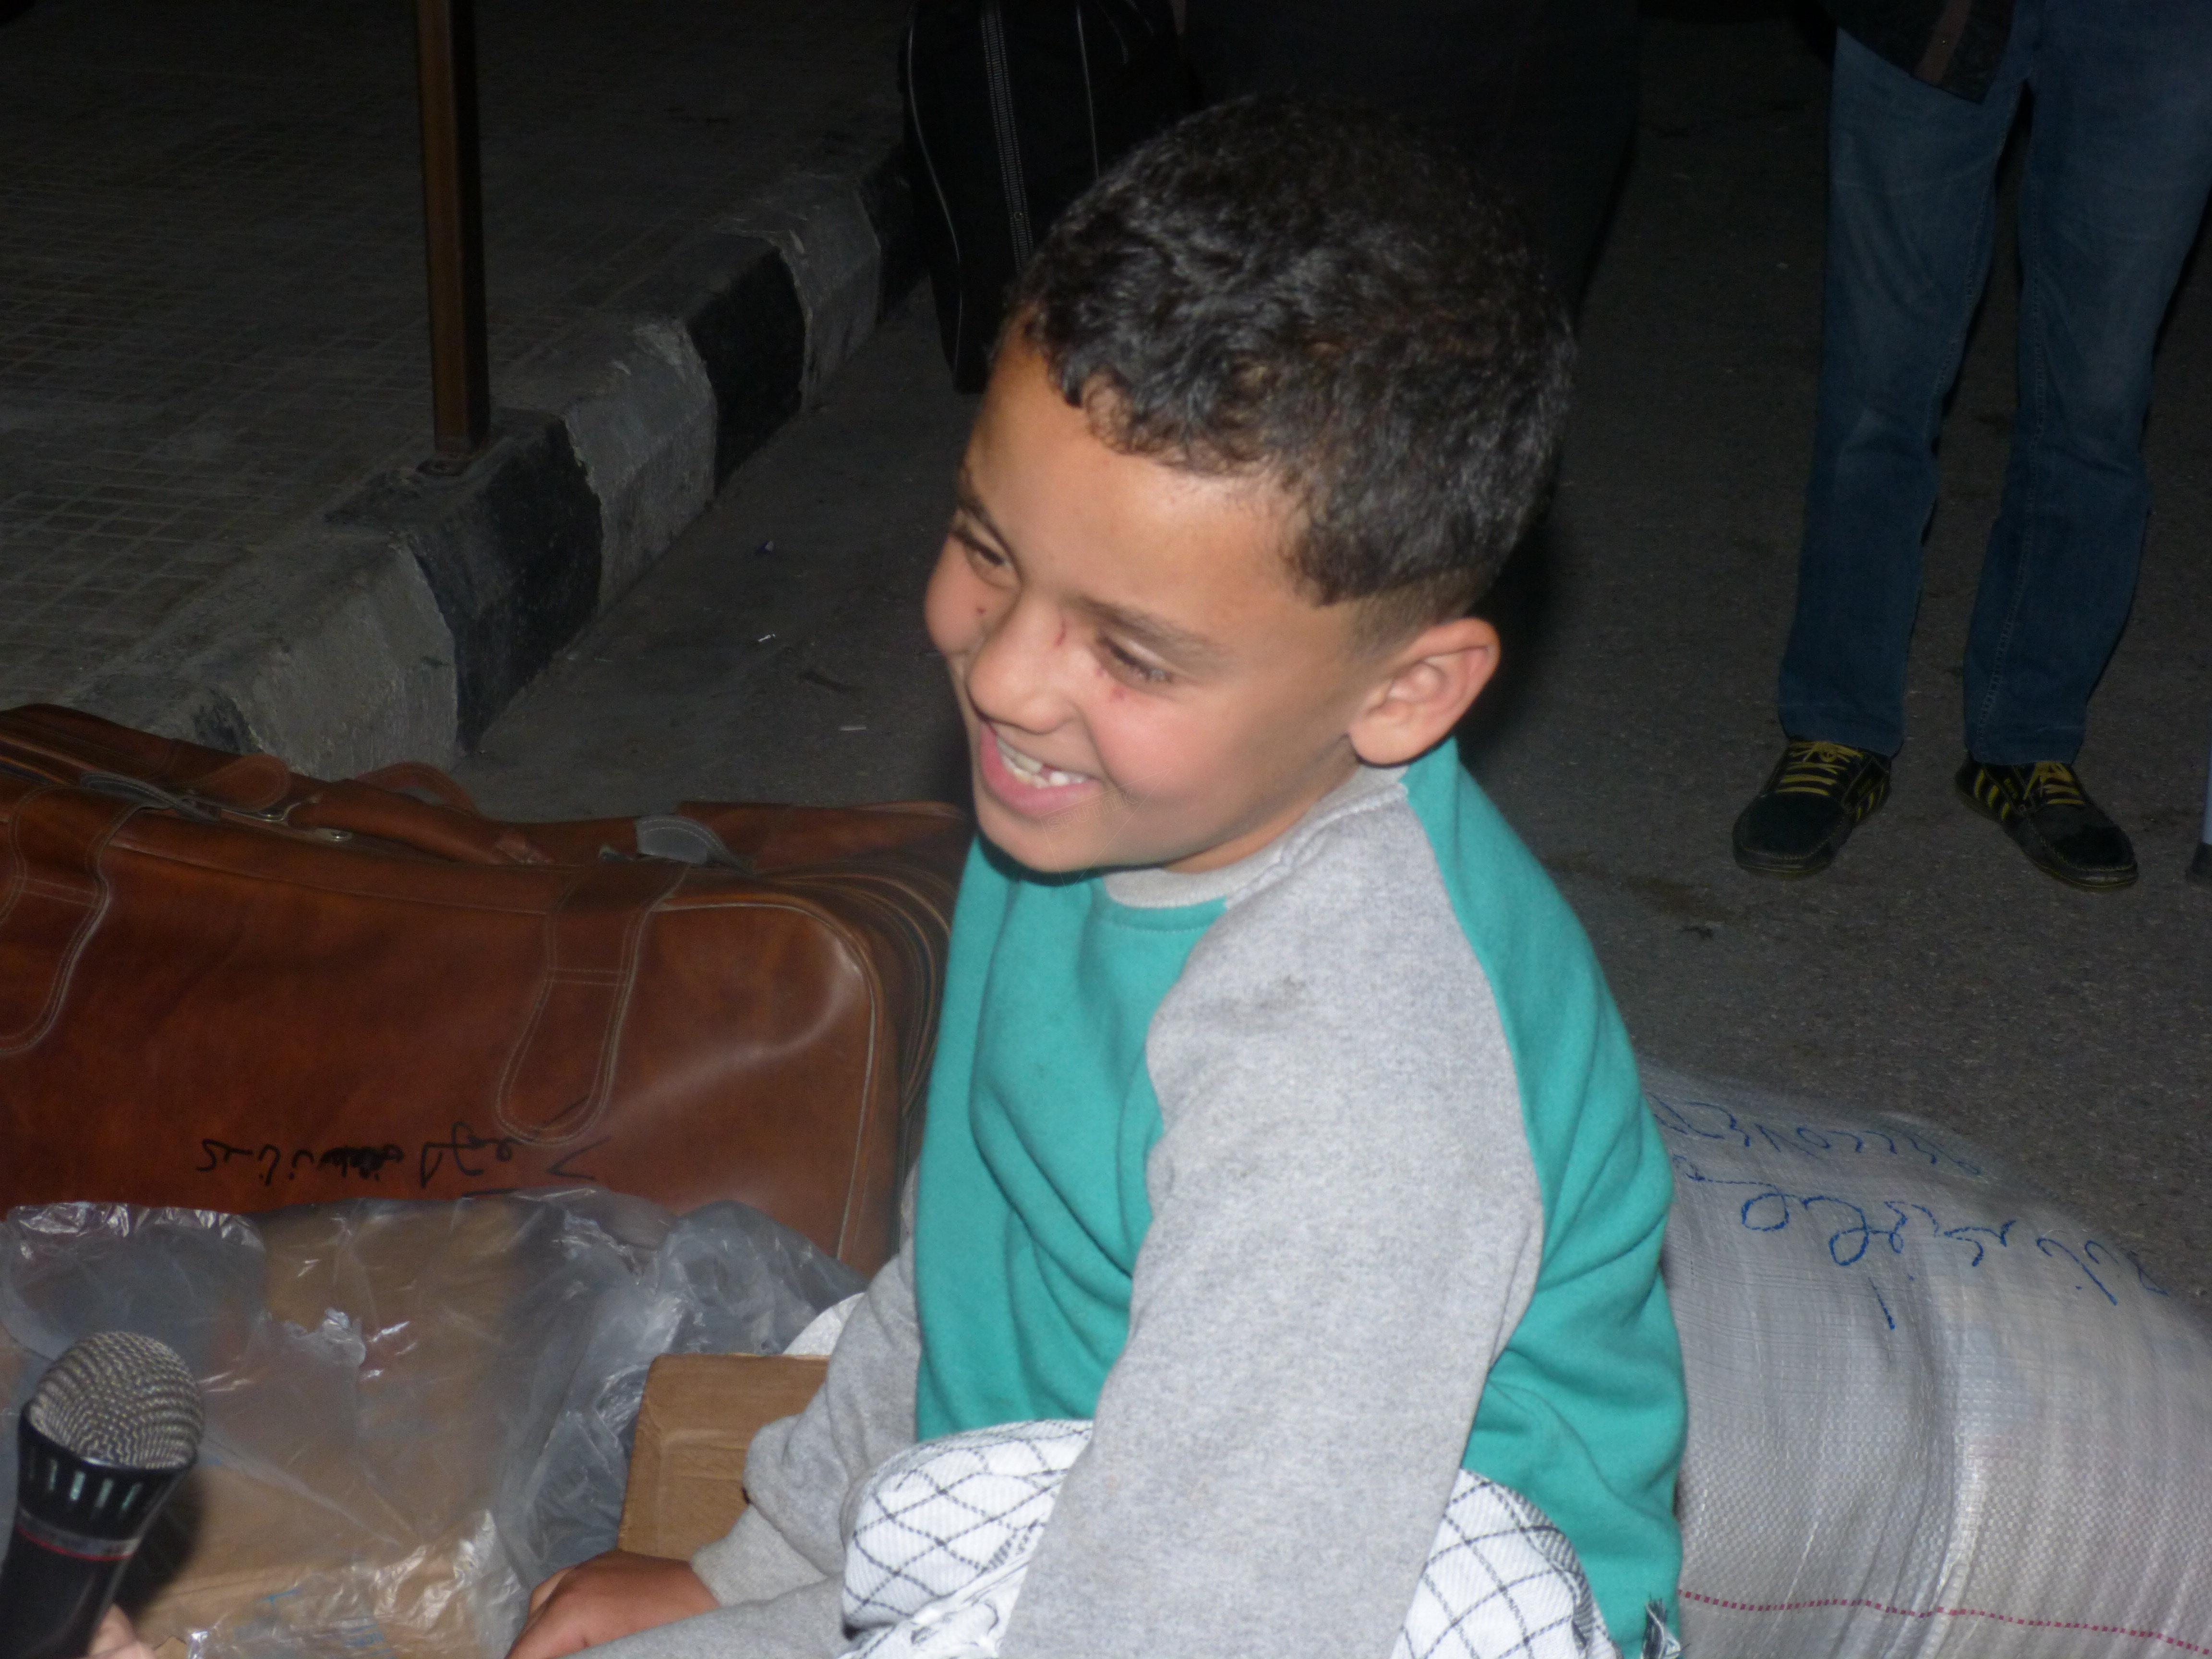 الطفل عدنان أحد المصابين في تفجير حافلات الكفريا و الفوعة